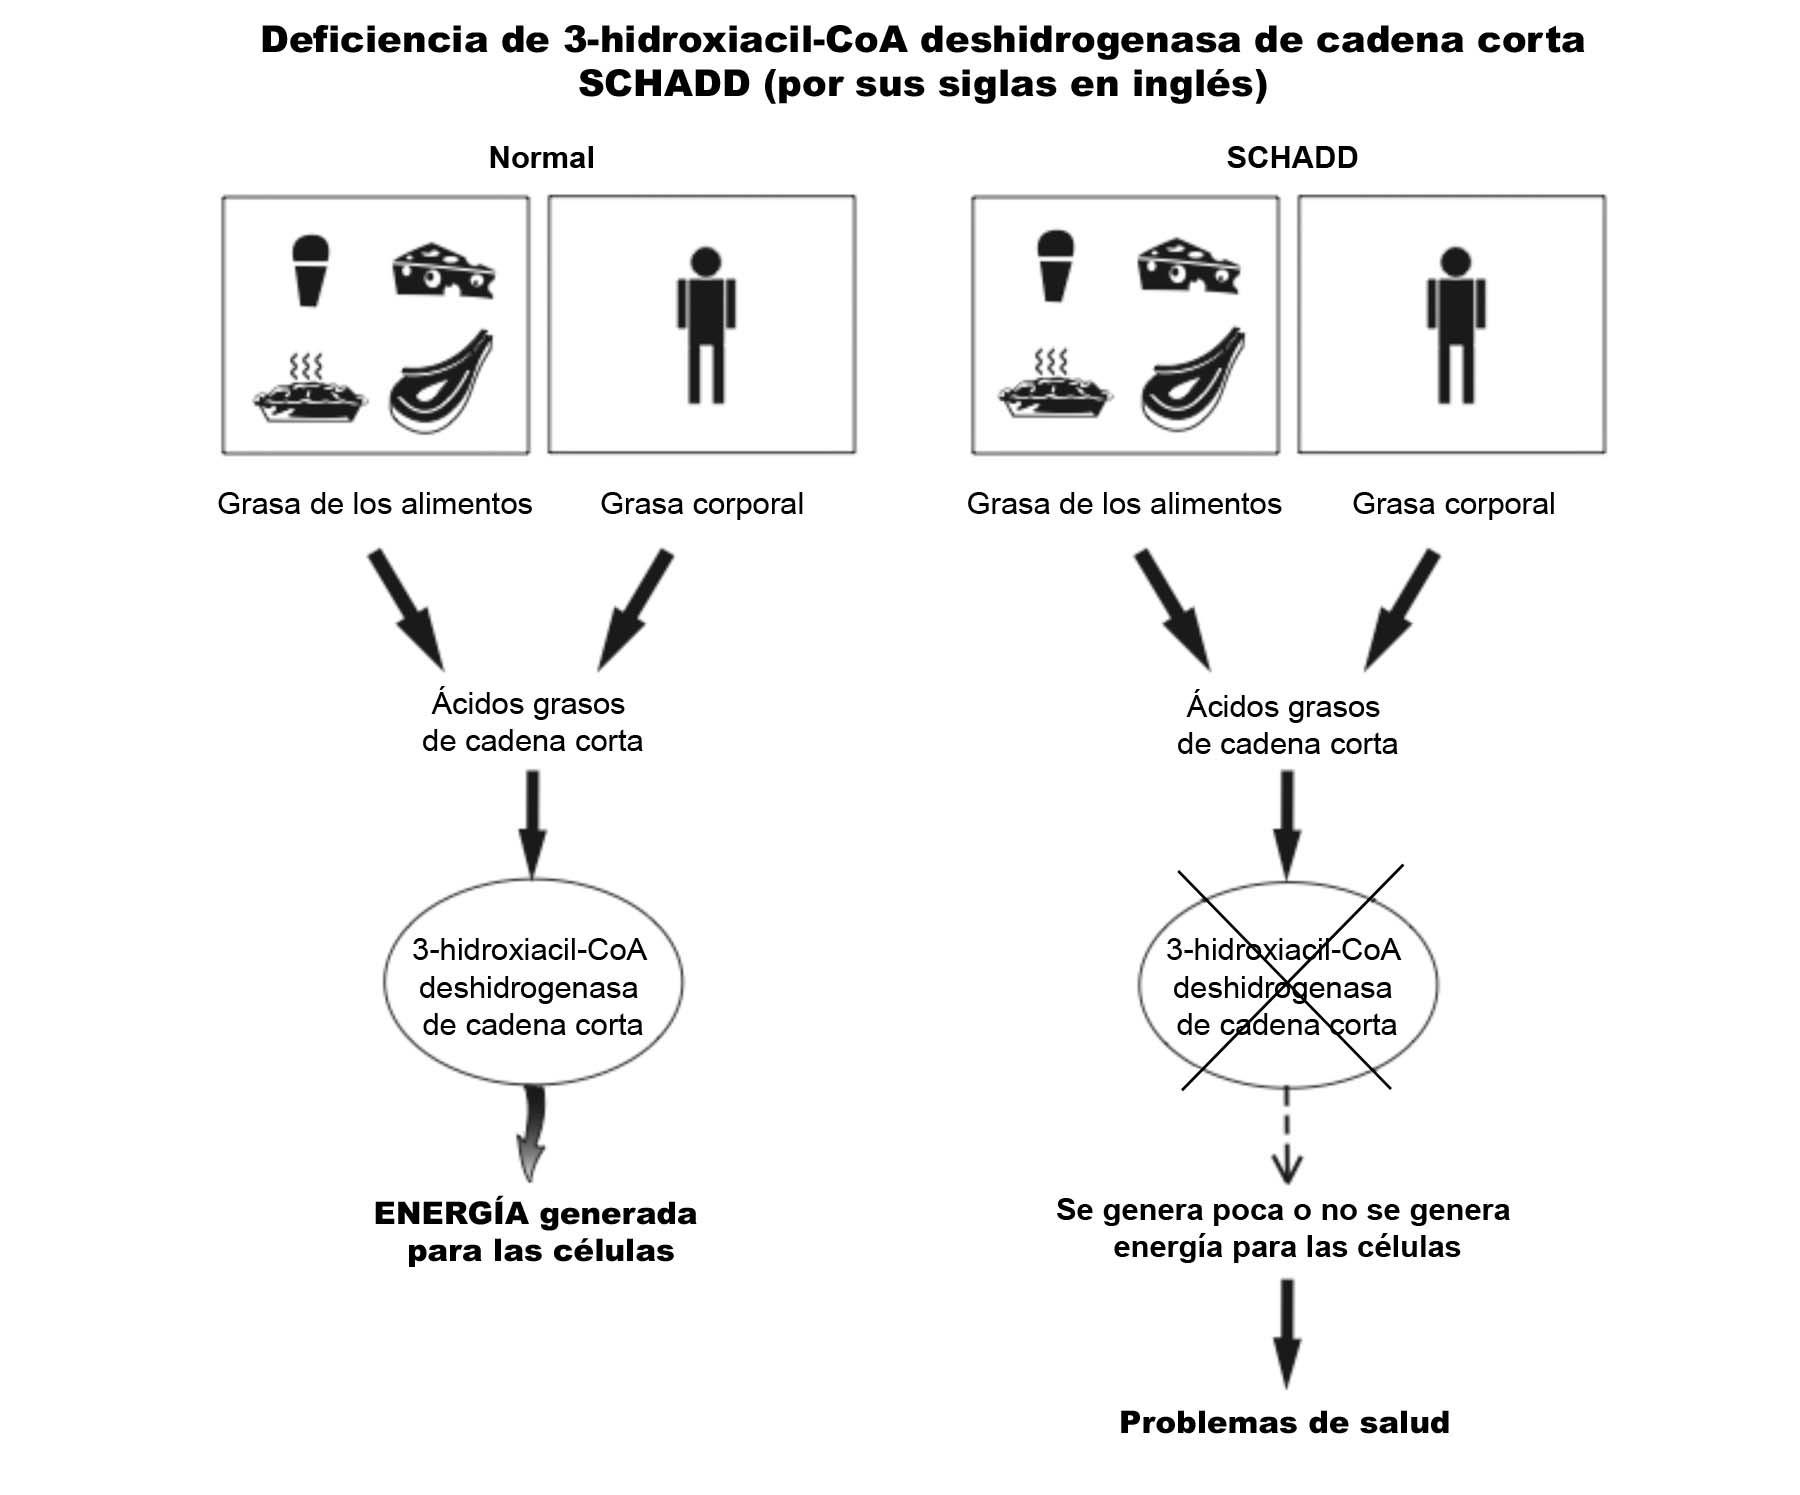 SCHADD Diagram